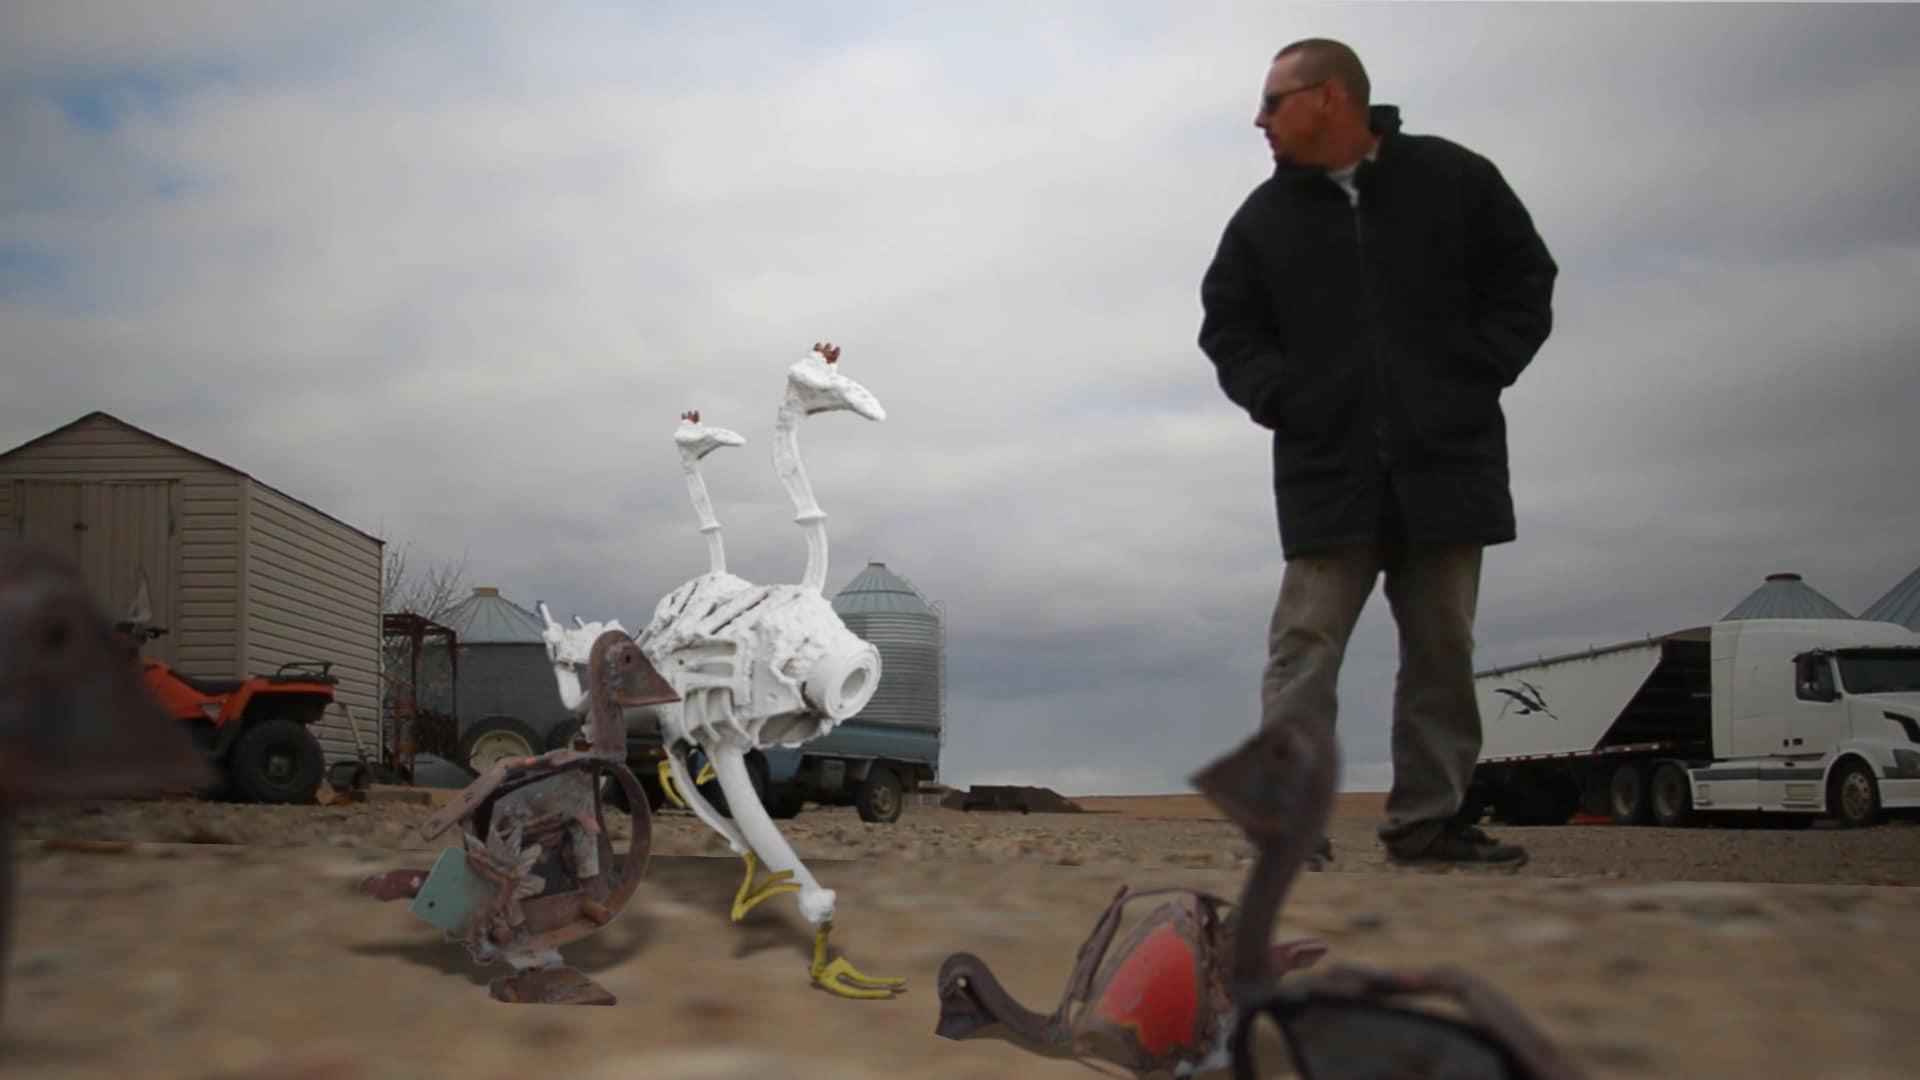 L'artiste fransaskois Lord Byrun fait semblant d'intéragir avec ses sculptures de poules en acier. Le ciel est menaçant.